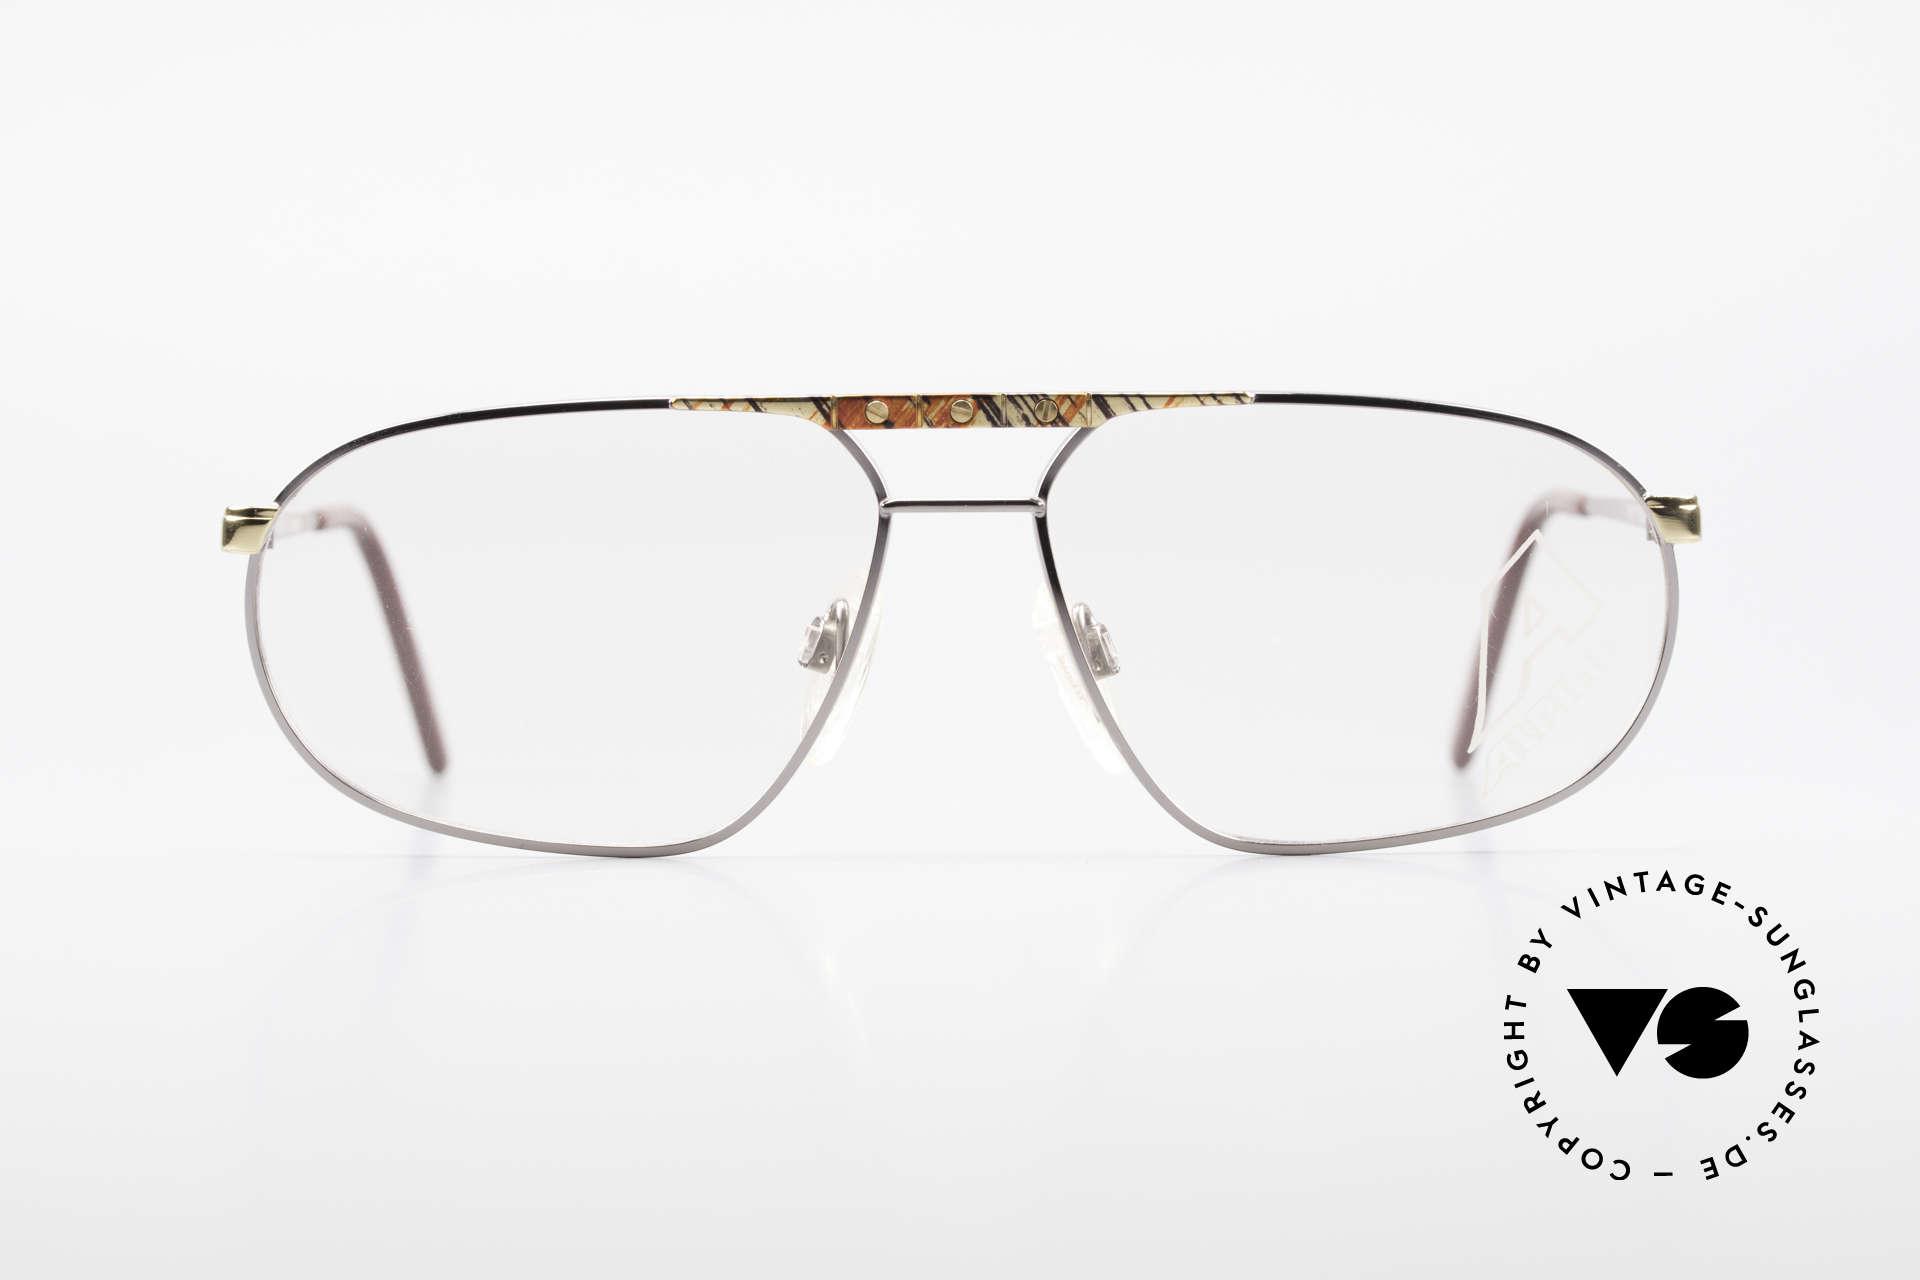 Alpina FM28 80's Designer Eyeglass-Frame, bicolor (gold-silver) frame & interesting pattern, Made for Men